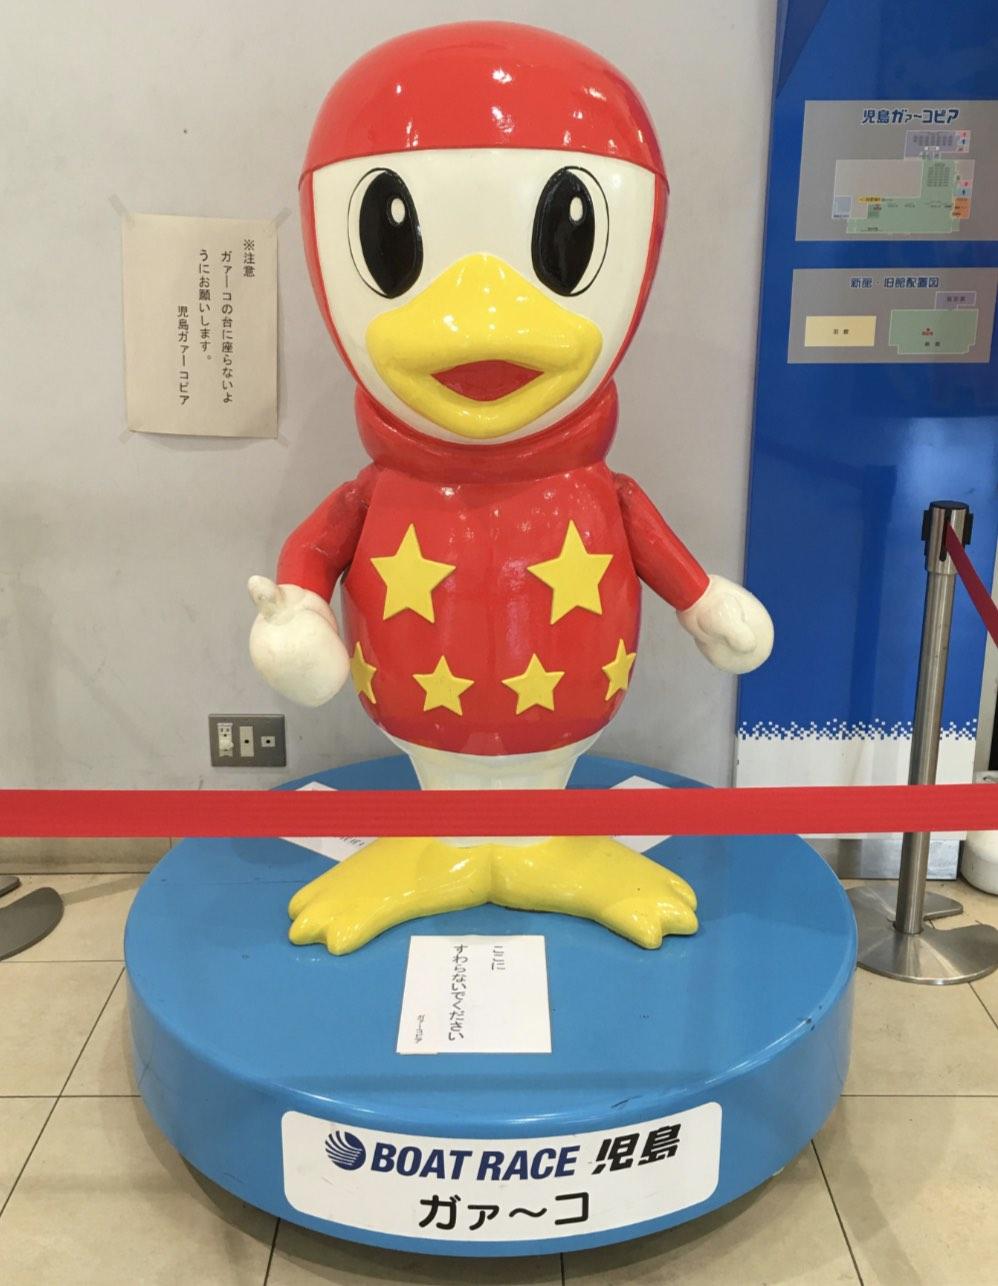 児島競艇場のマスコットキャラクター、ガァ〜コの画像